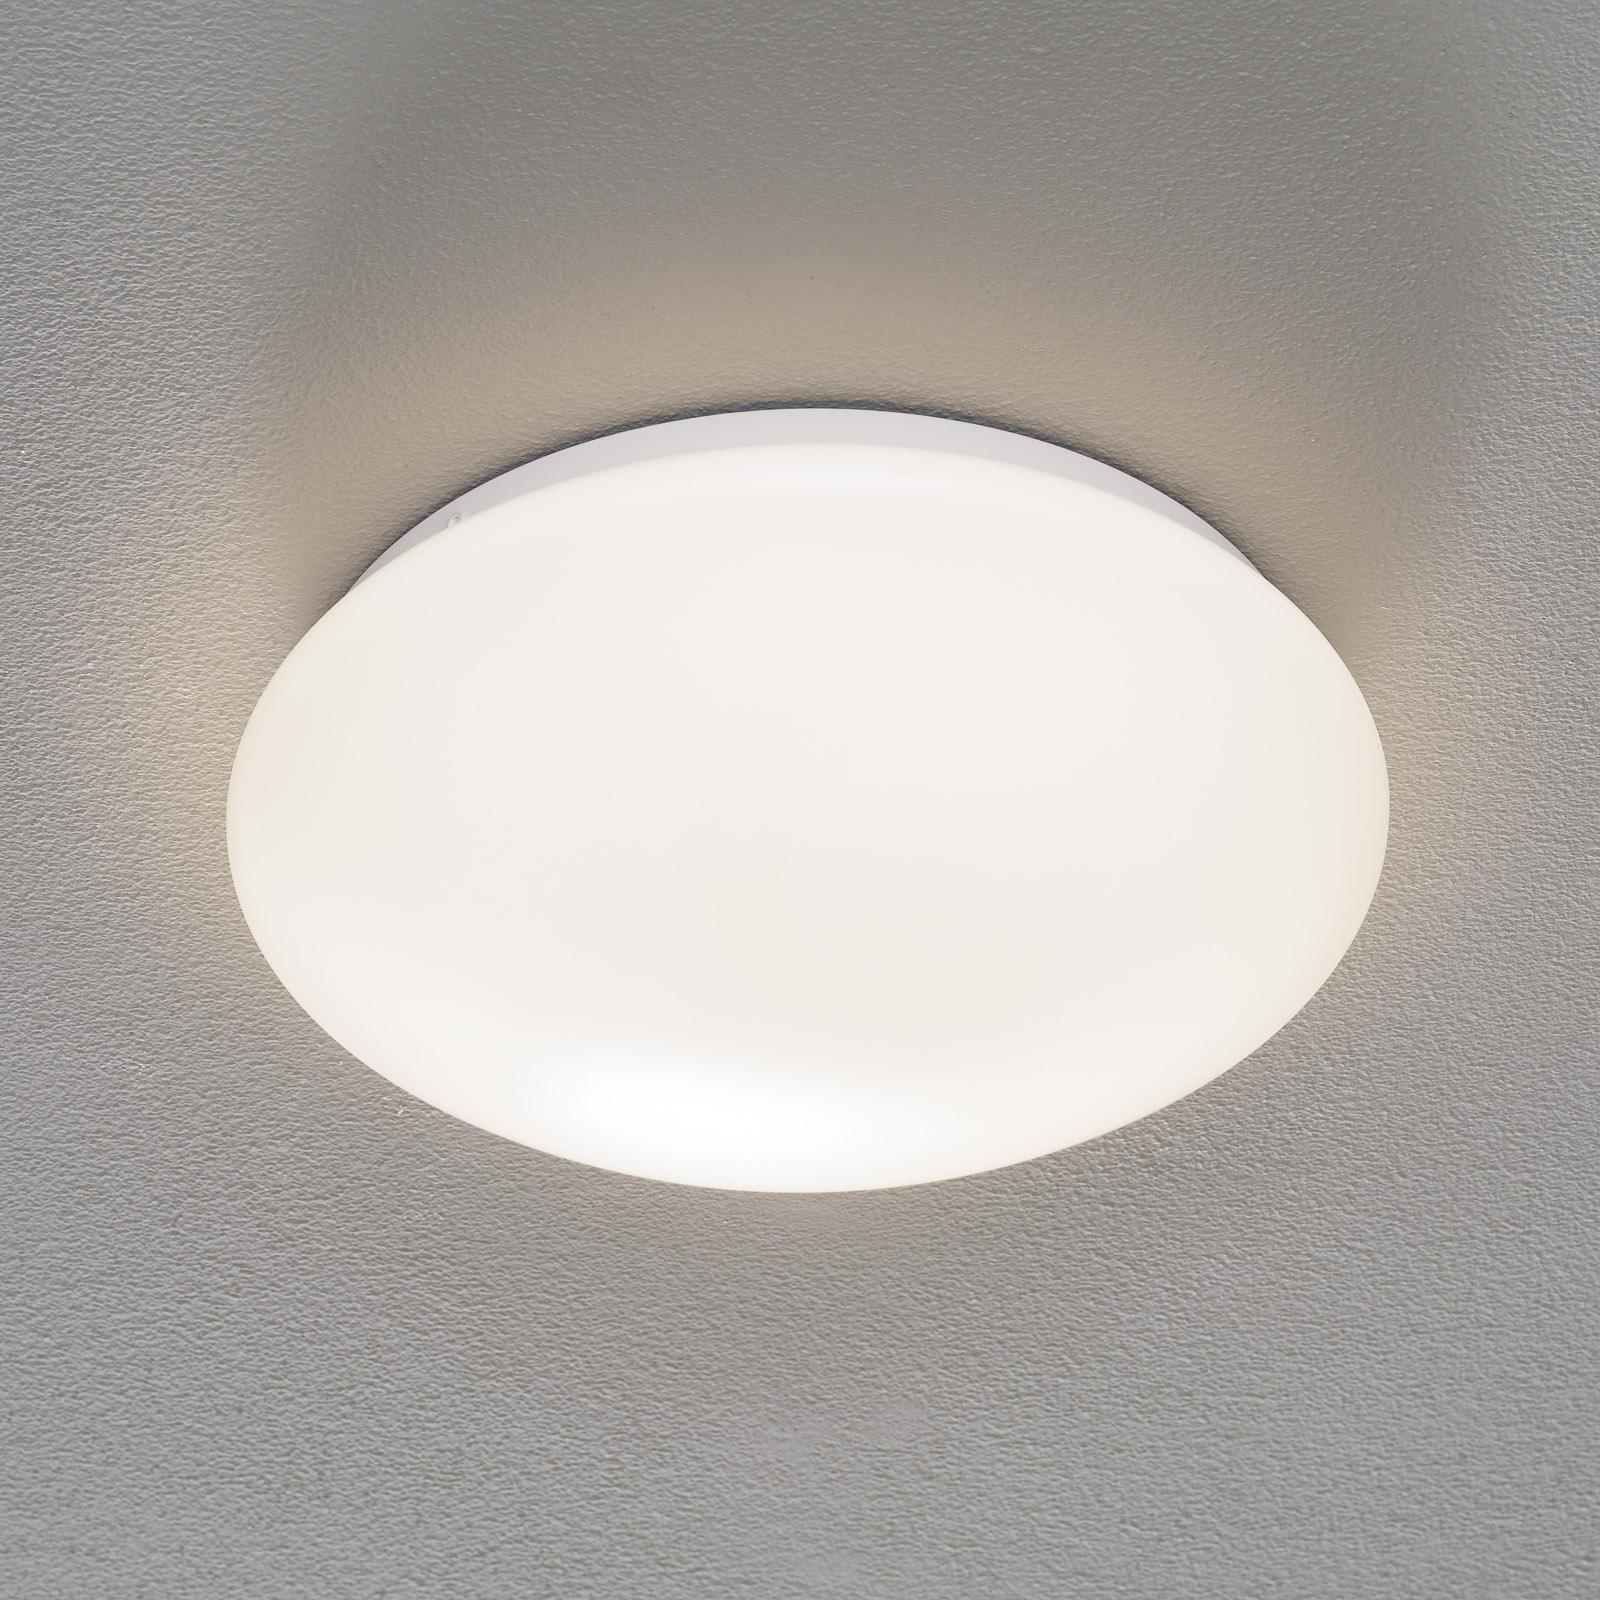 EGLO connect Giron-C LED-Deckenleuchte weiß